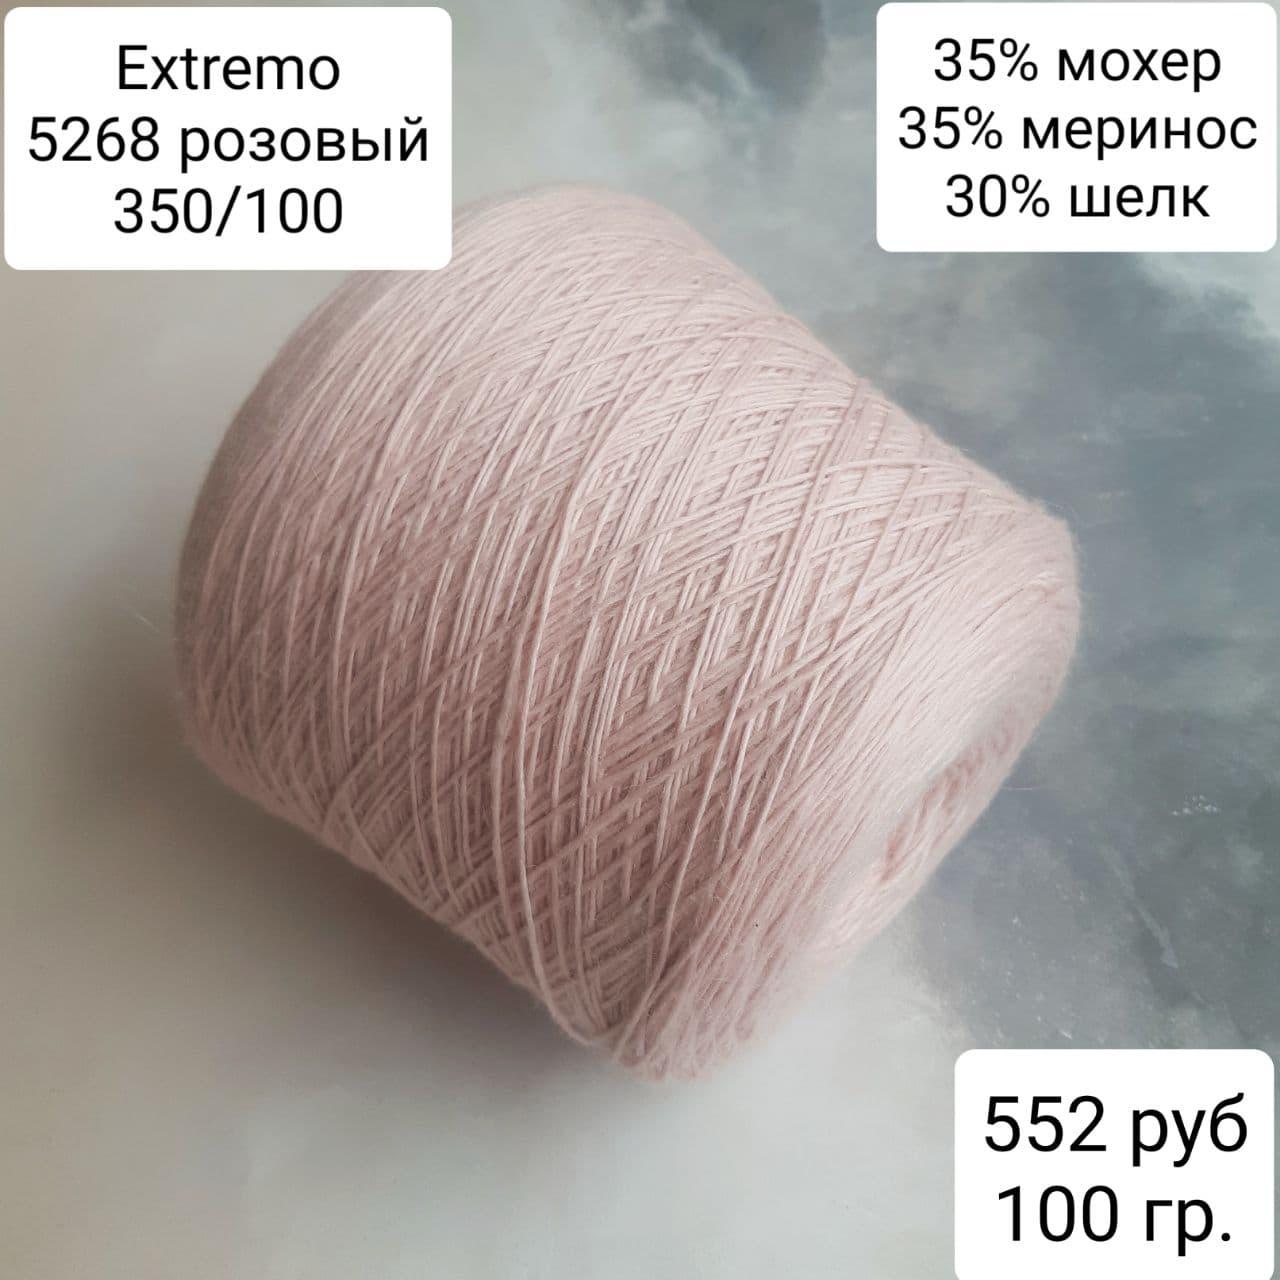 Экстремо (Extremo) 5268